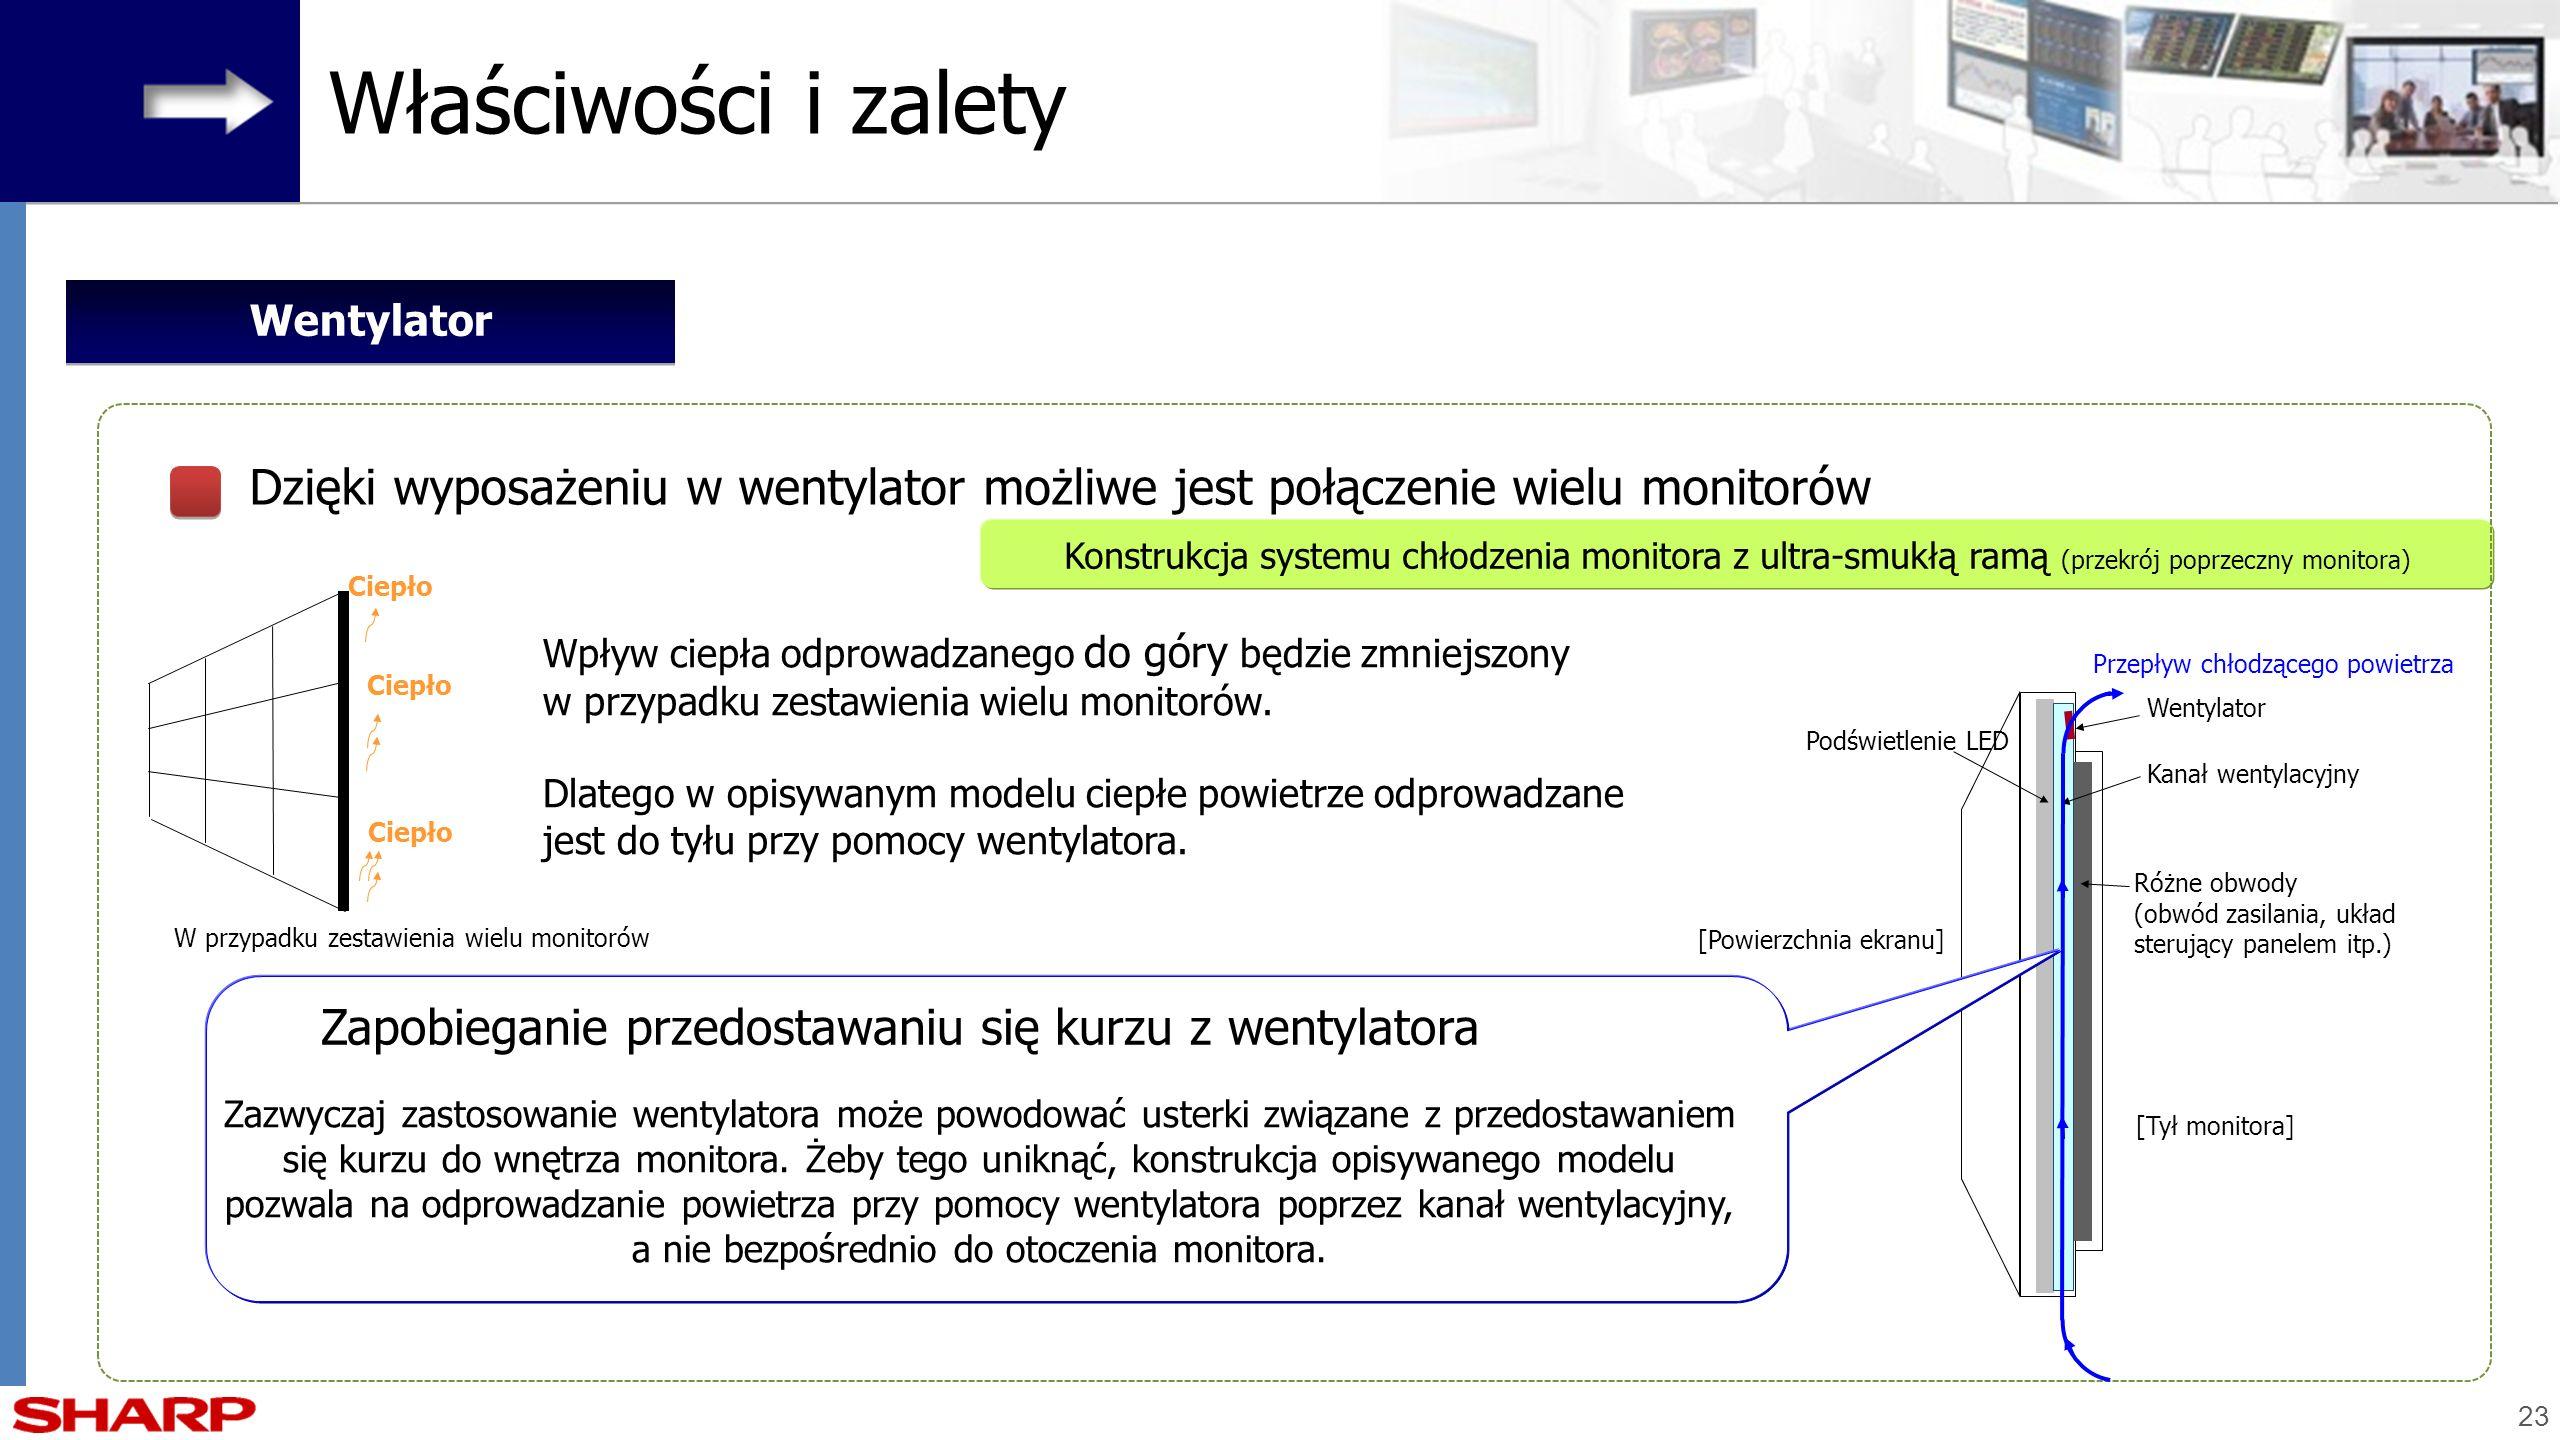 Właściwości i zalety Wentylator. Dzięki wyposażeniu w wentylator możliwe jest połączenie wielu monitorów.